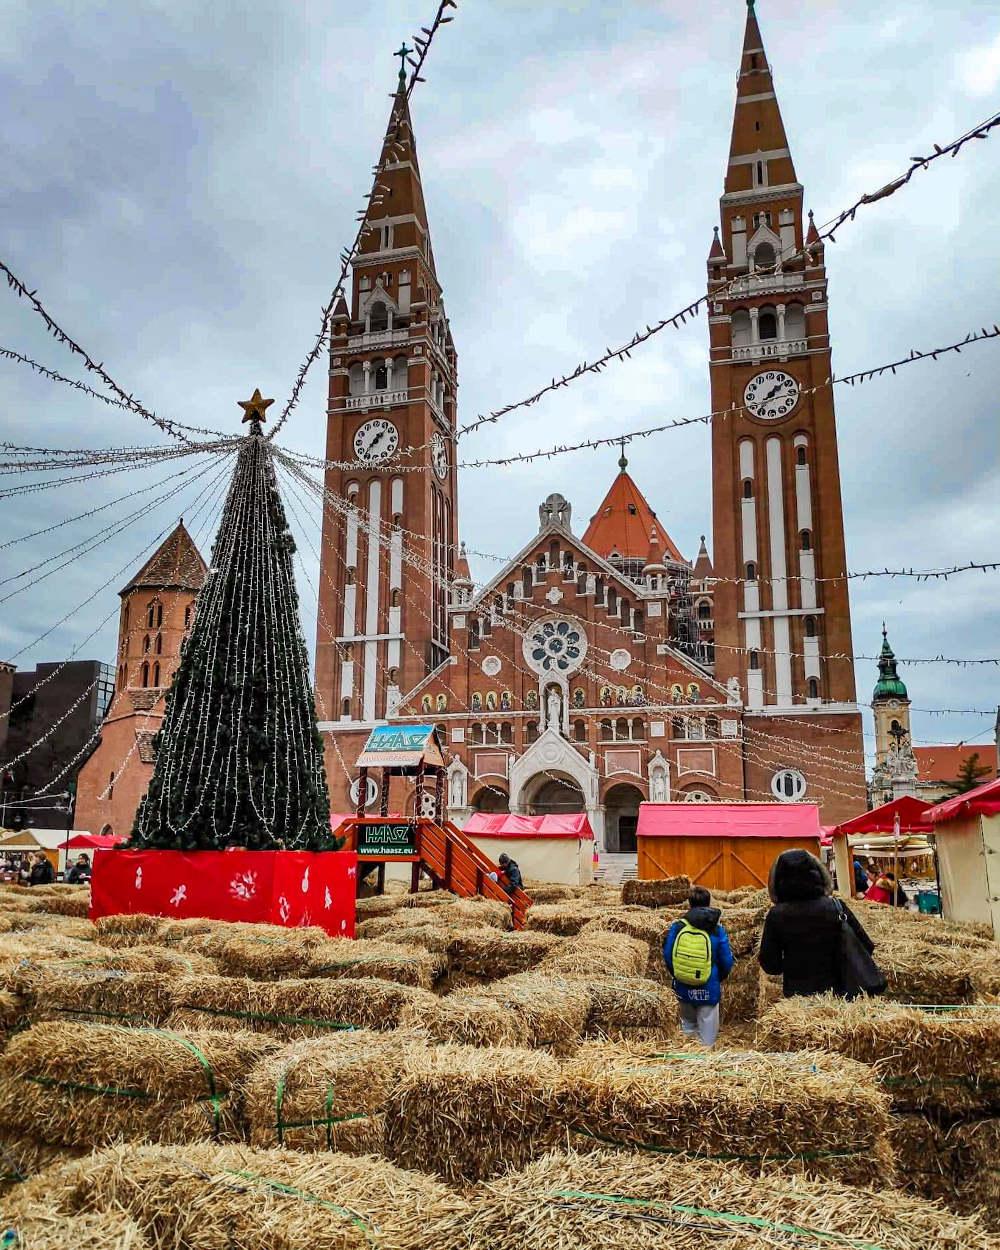 Lavirint od slame na Trgu Dom ispred Zavetne crkve u Segedinu povodom božićnog marketa